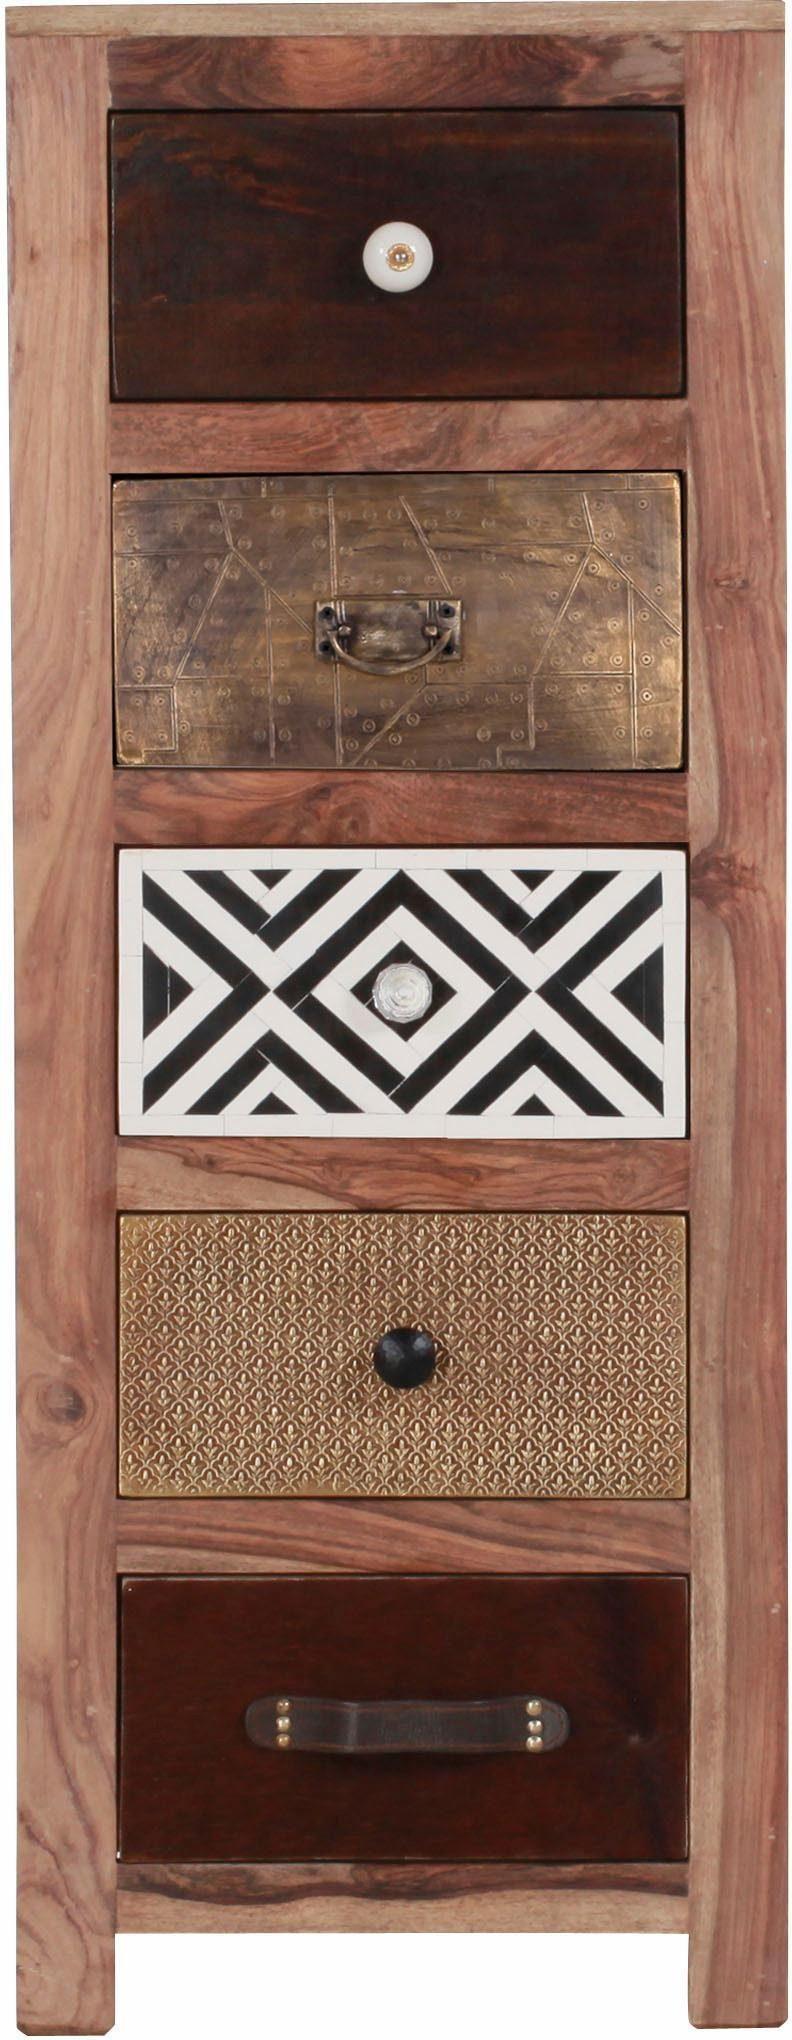 Gutmann Factory Kommode, Breite 46 cm Kommode »Safari« mit 5 Schubladen aus massivem Holz mit verzierten Fronten